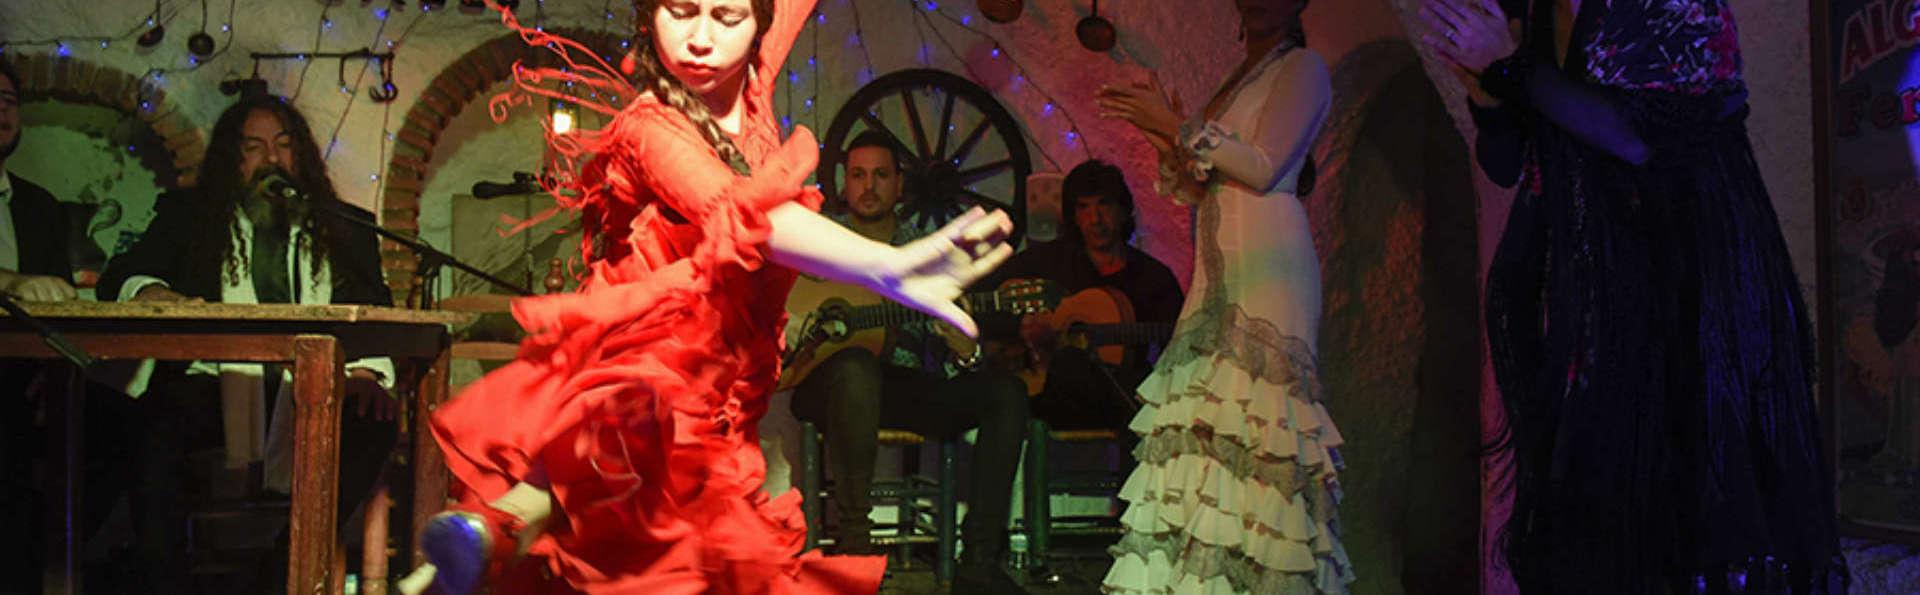 Hôtel de luxe 5* et flamenco à Venta del Gallo dans le Sacromonte avec parking inclus